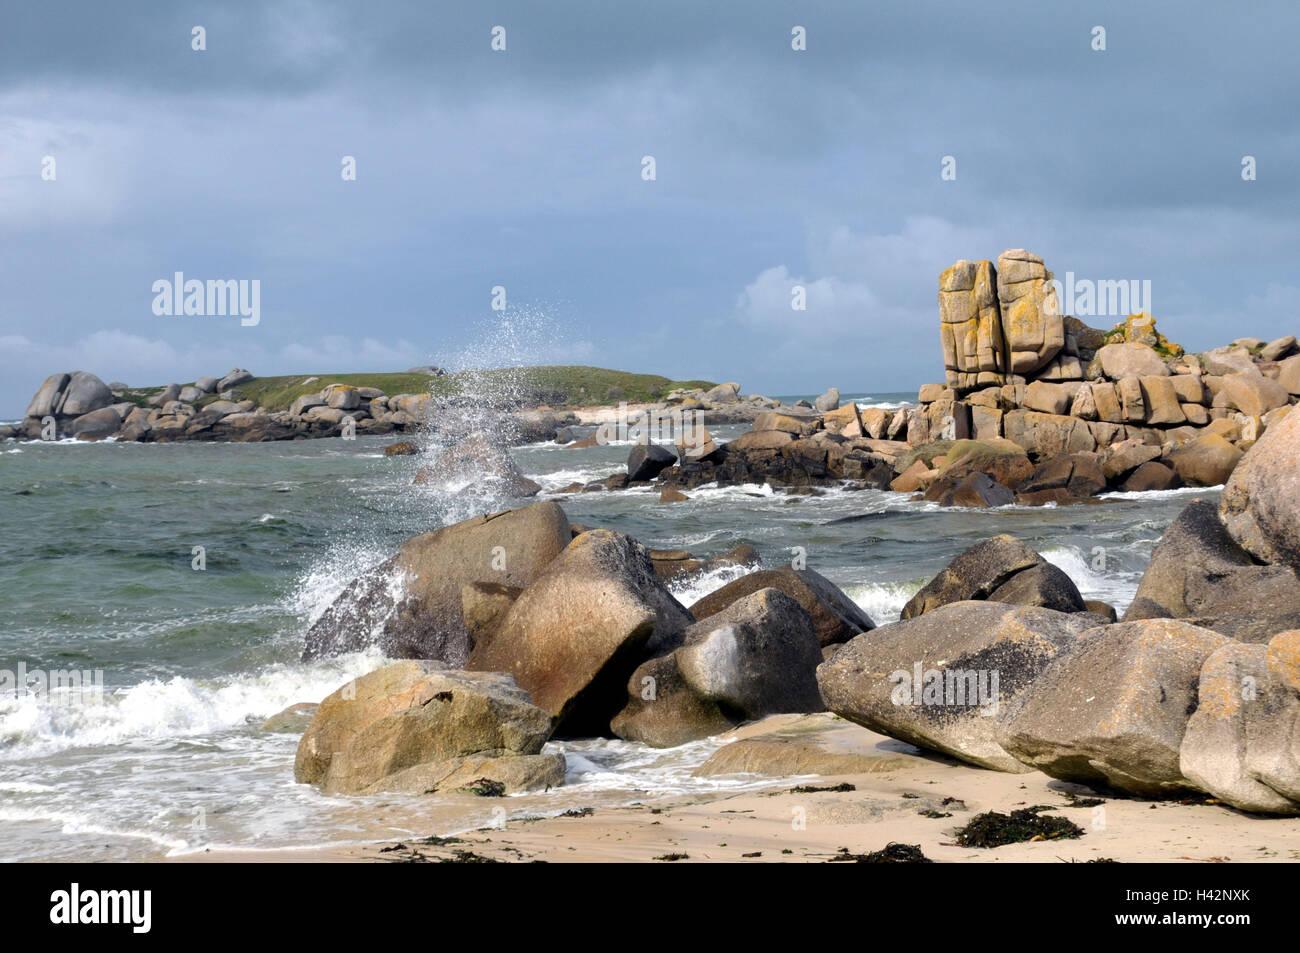 France, Brittany, Guisseny, bile coast, surf, - Stock Image